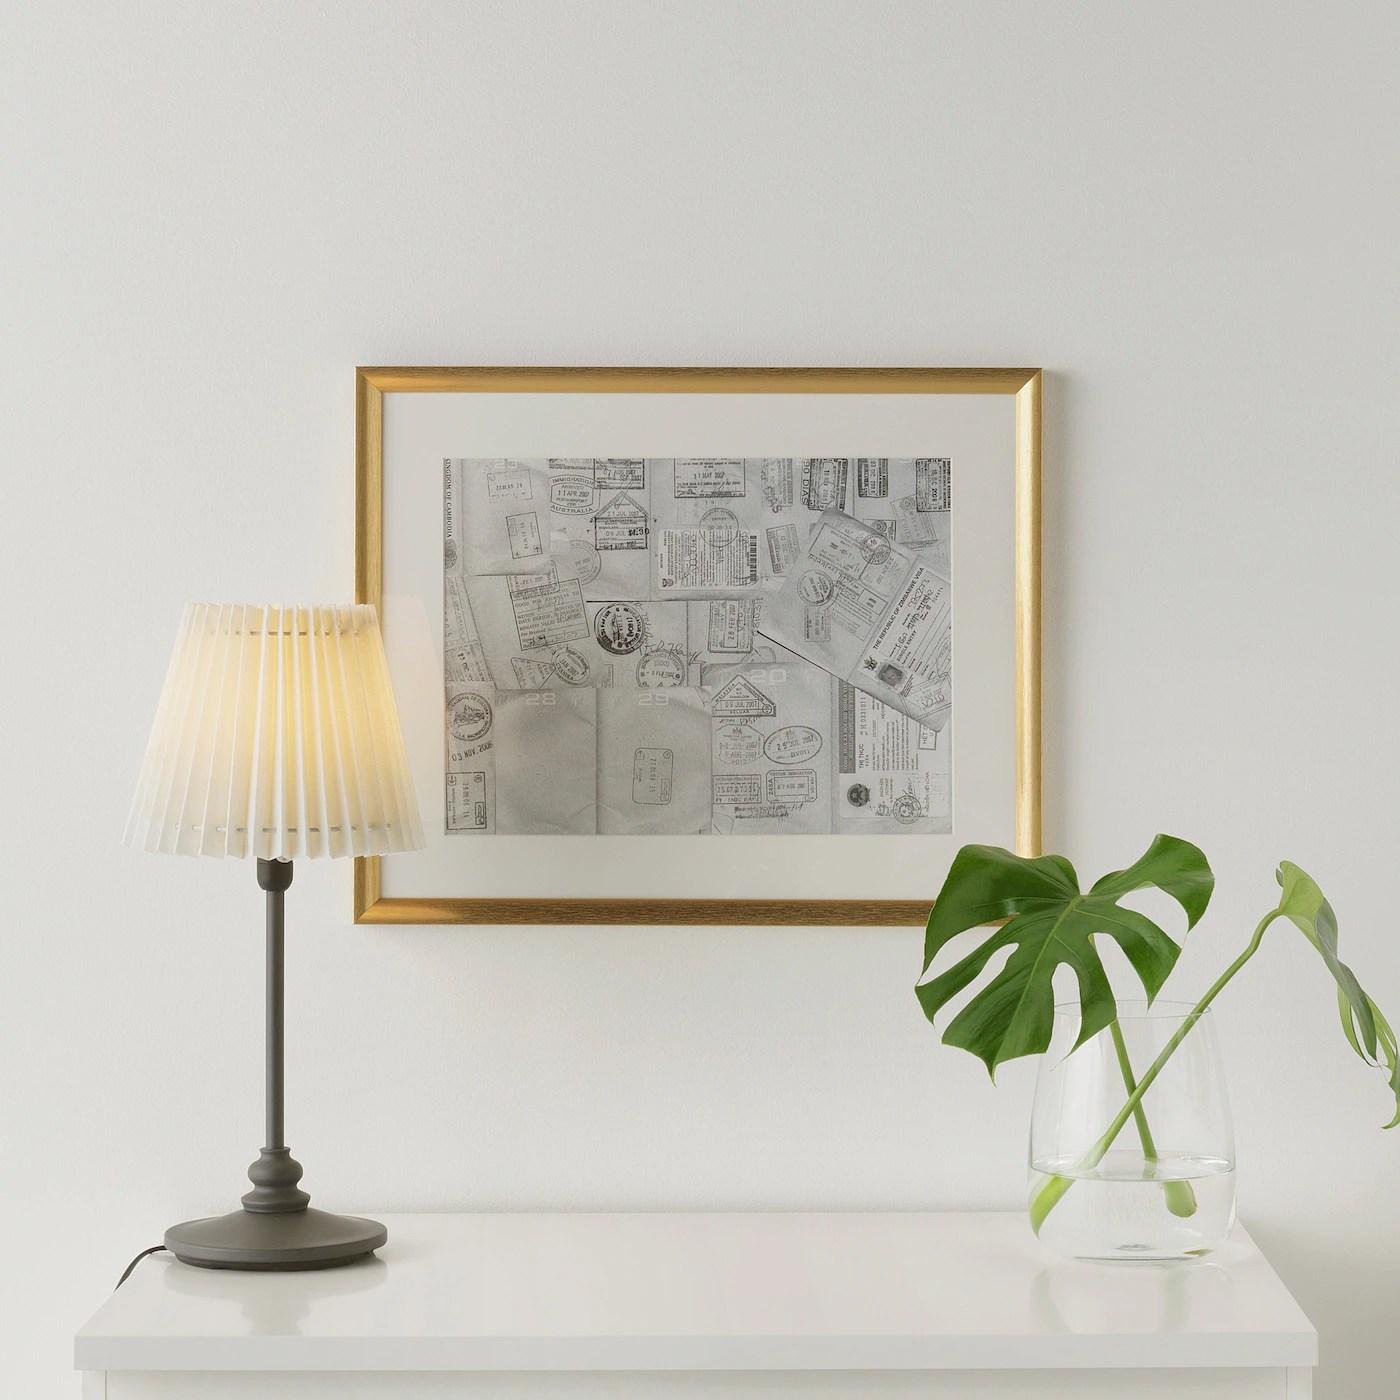 silverhojden frame gold 16x20